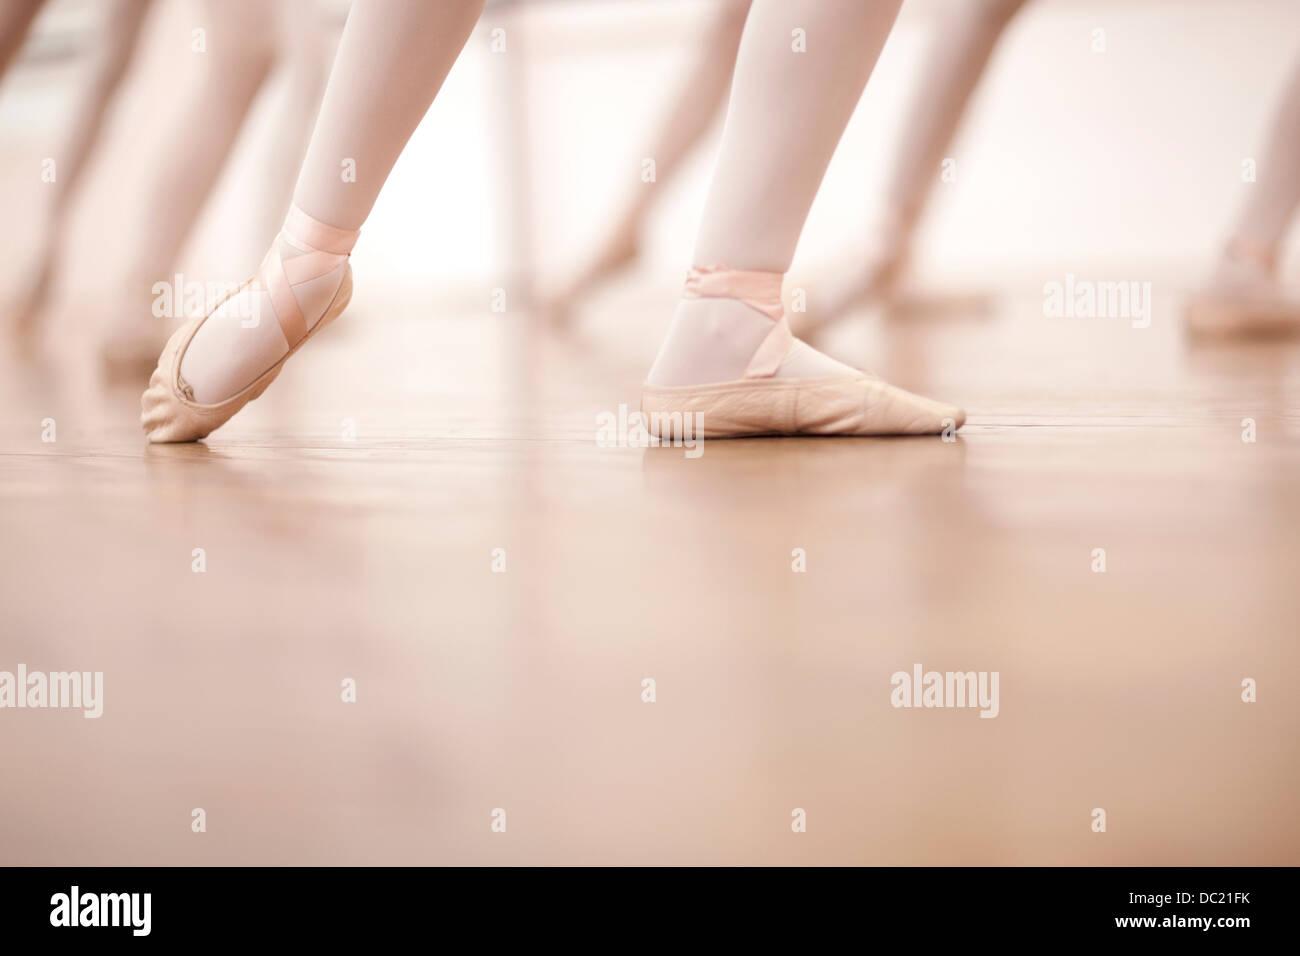 Dettaglio delle gambe ballerine nella classe di danza Immagini Stock